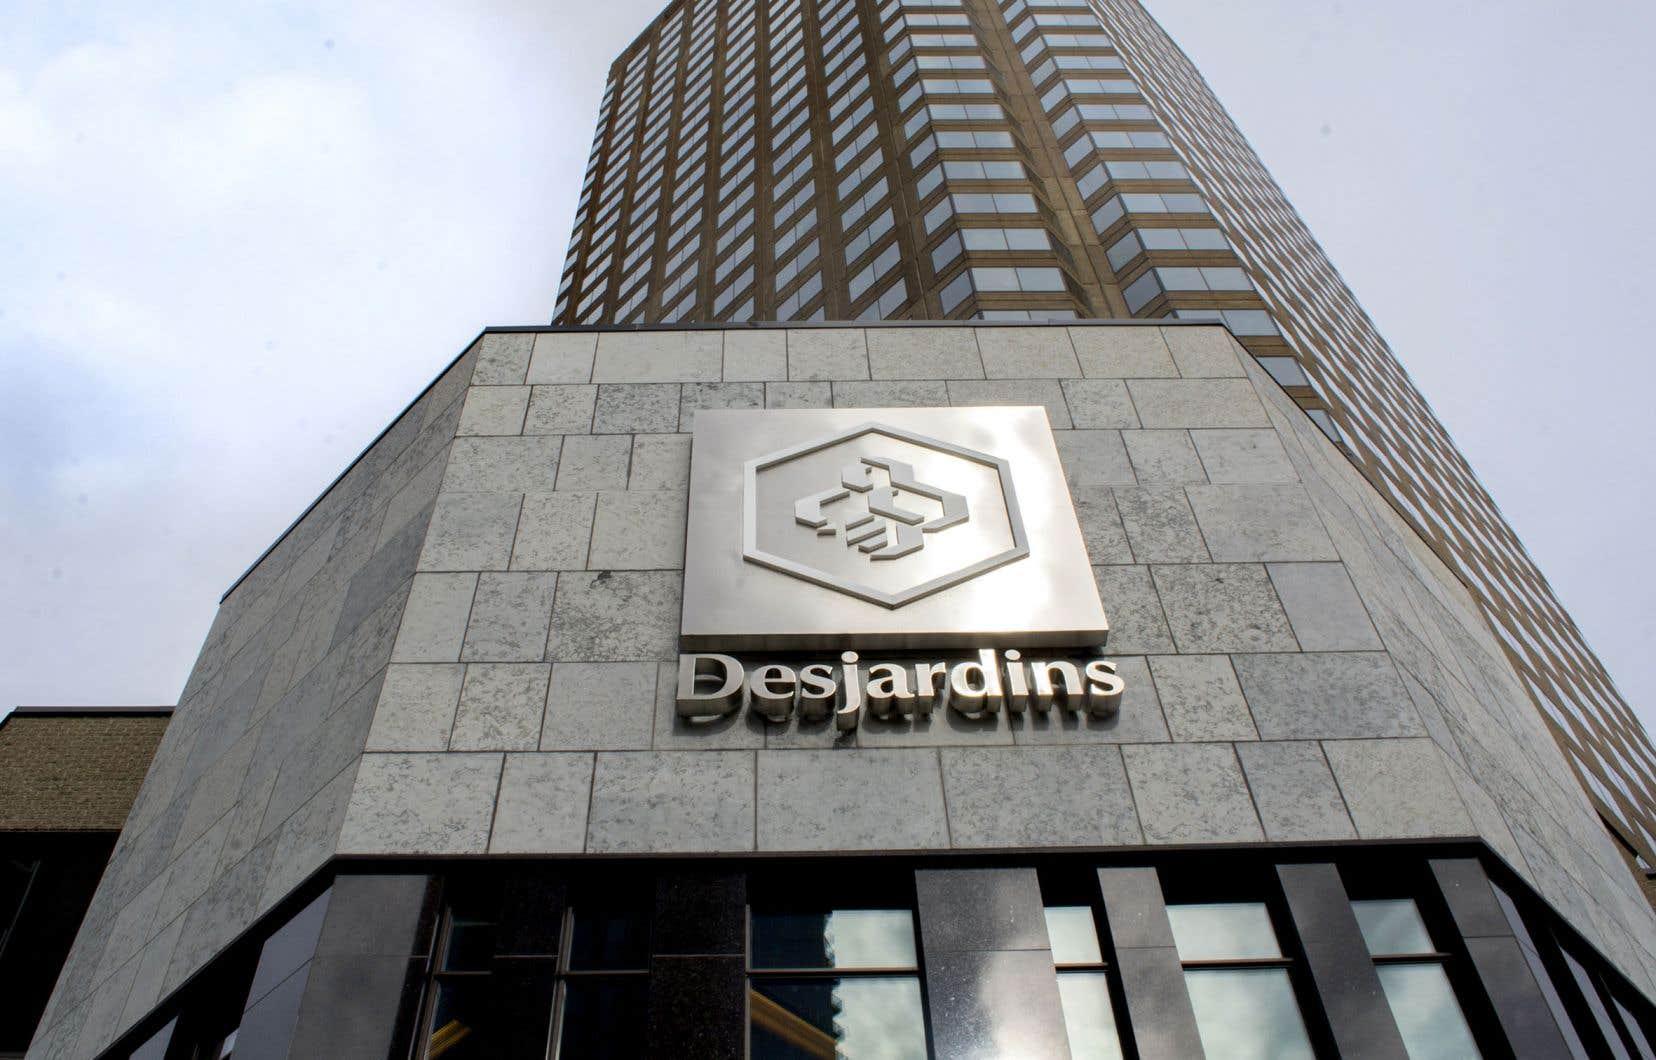 «Chez Desjardins, il y a de ces fonds d'investissement que le mouvement aurait intérêt à mieux faire connaître auprès de ses membres comme auprès de toute la population», croit l'auteur.